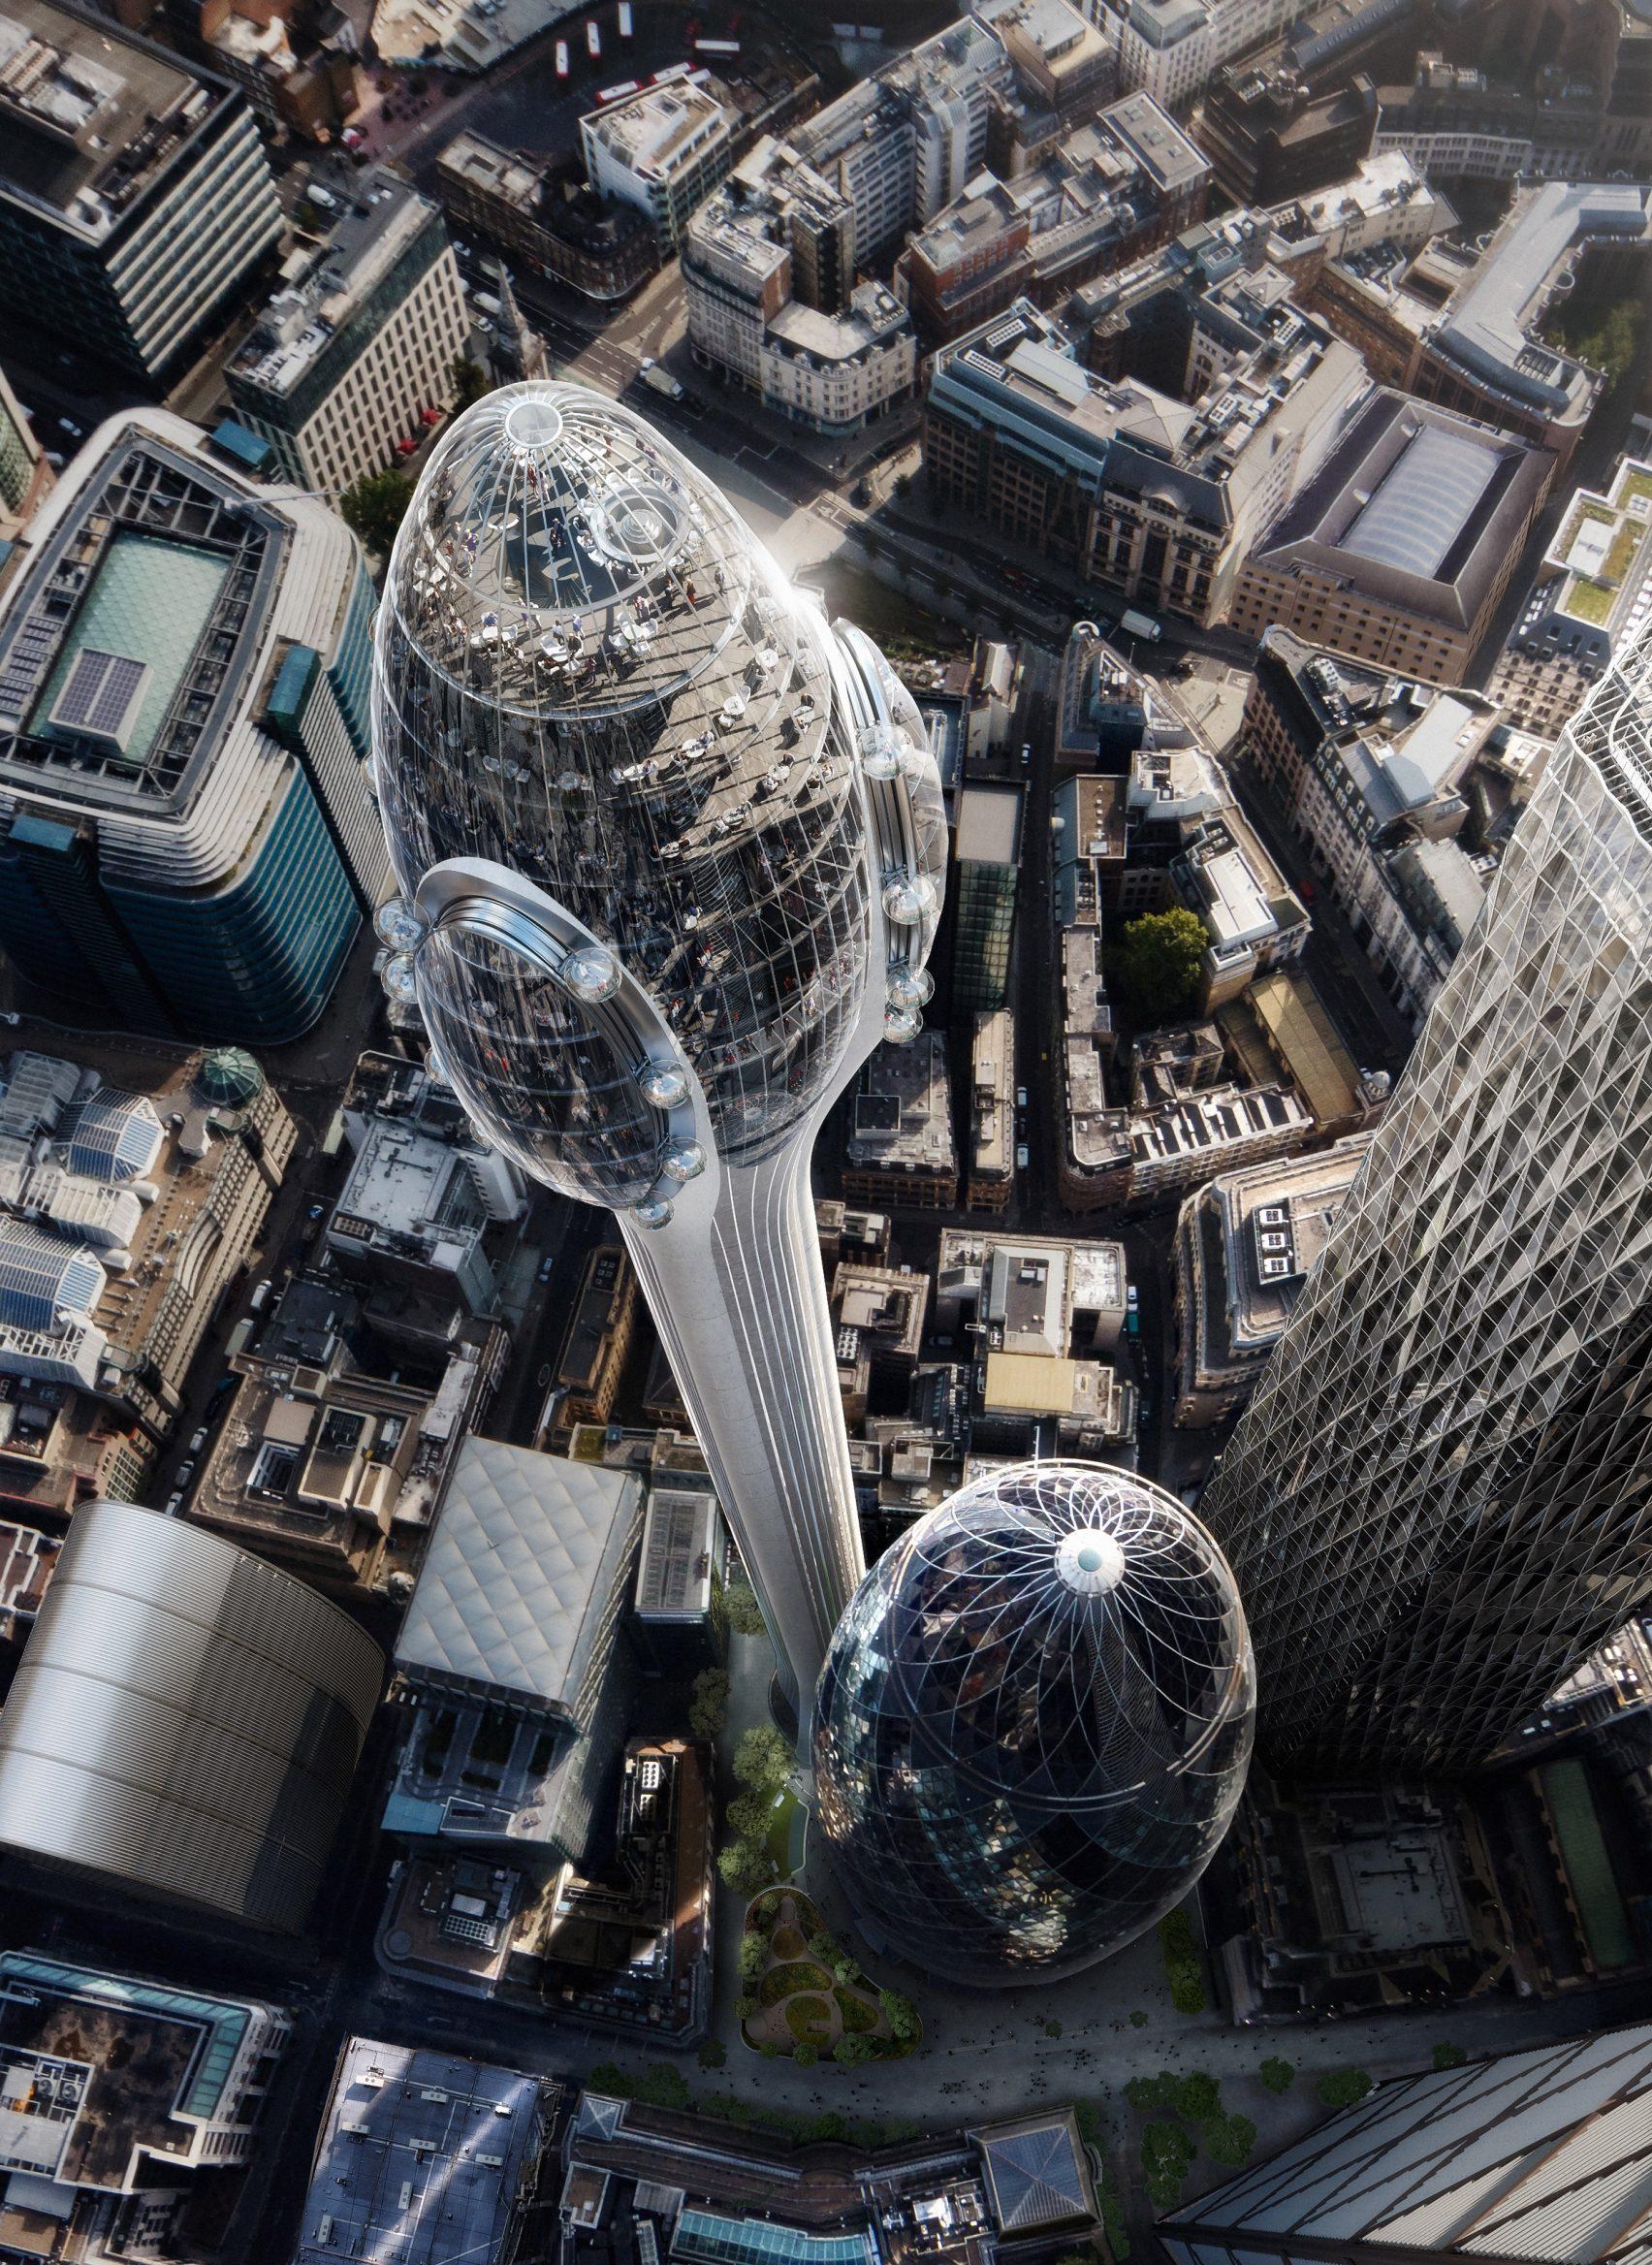 O novo arranha-céus estará pronto em 2025